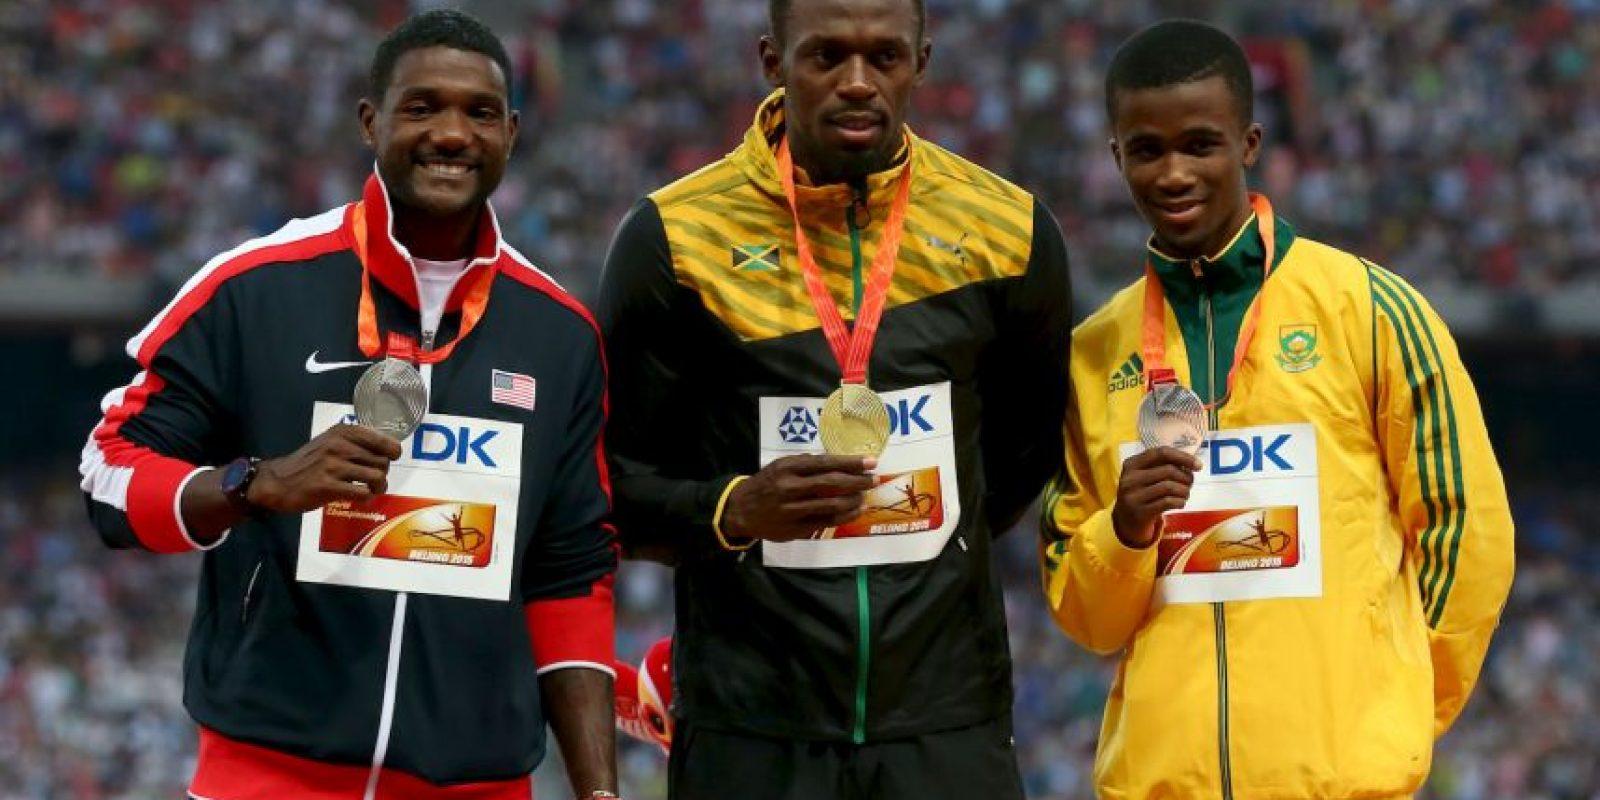 Se impuso en los 200 metros con una marca de 19.55 segundos Foto:Getty Images